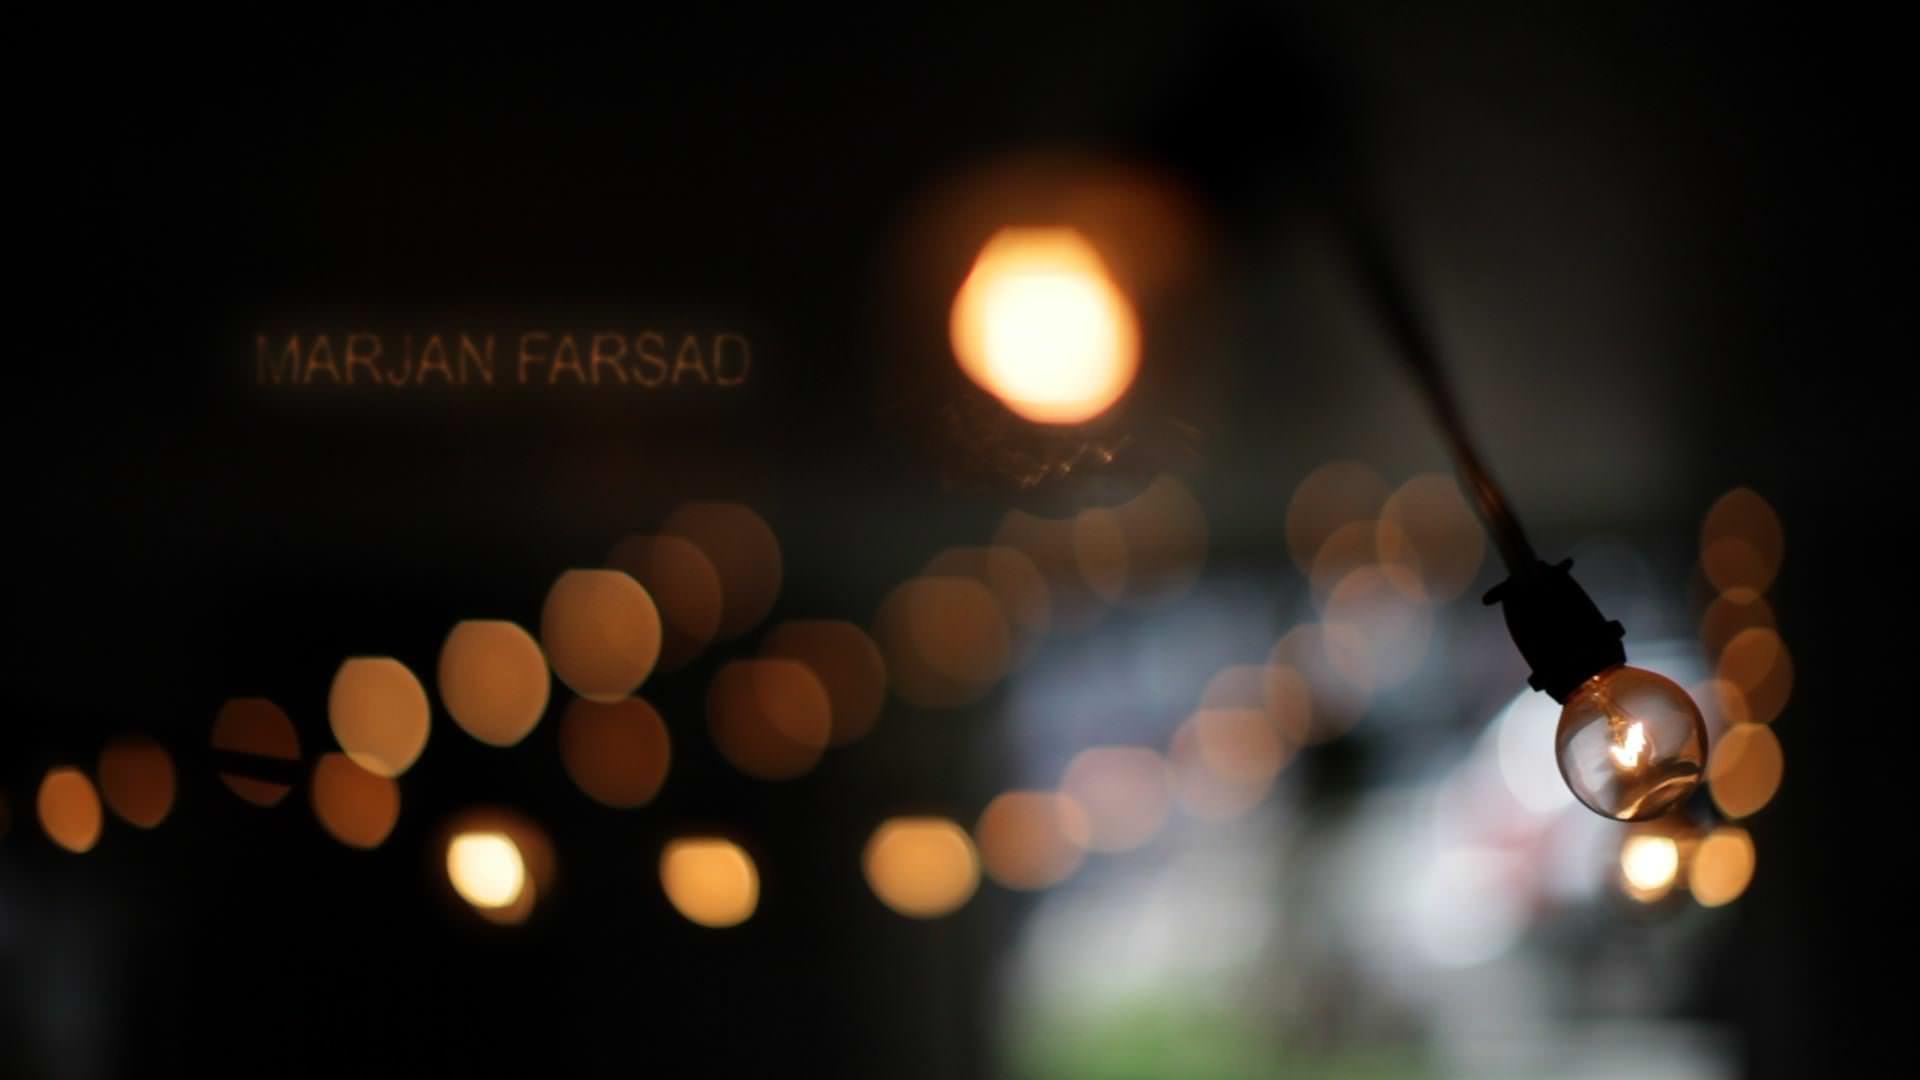 MarjanFarsad_StillFrame_04